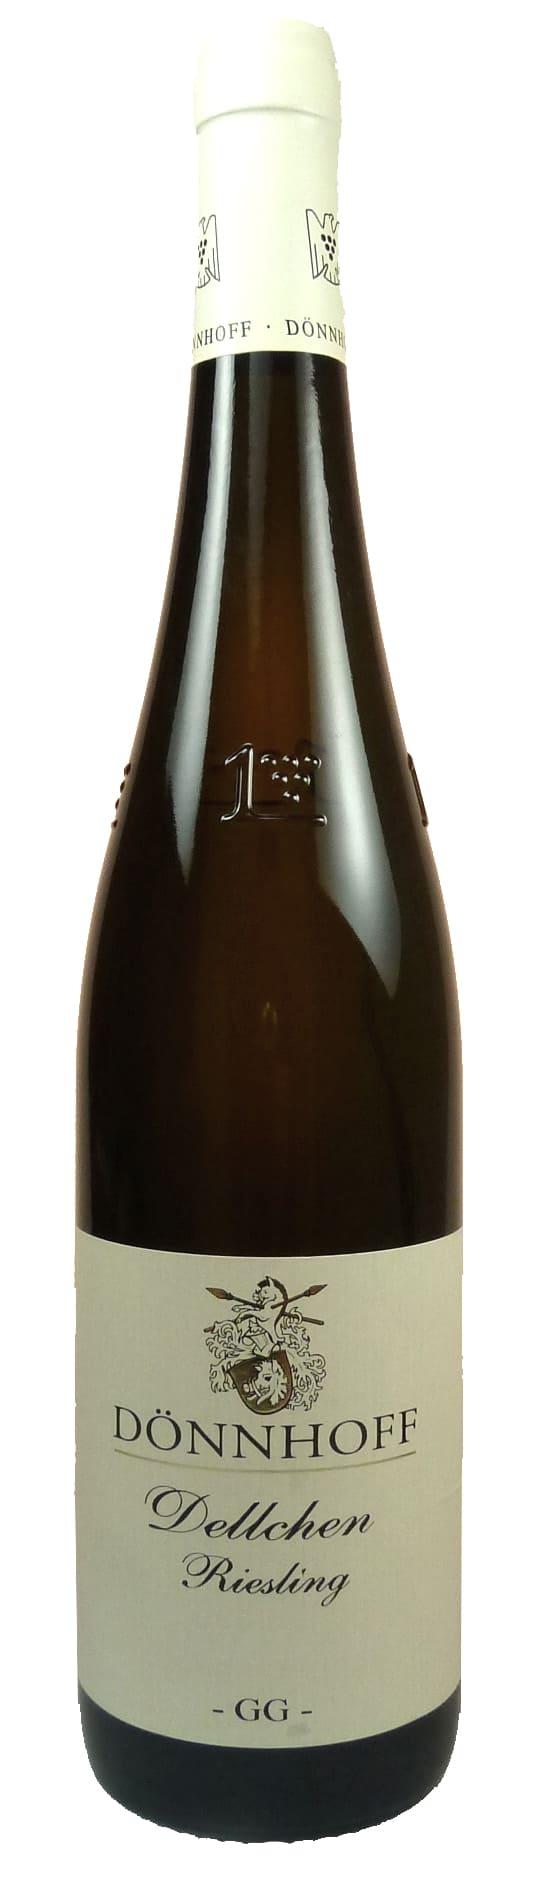 Dellchen Riesling Großes Gewächs Qualitätswein trocken 2016